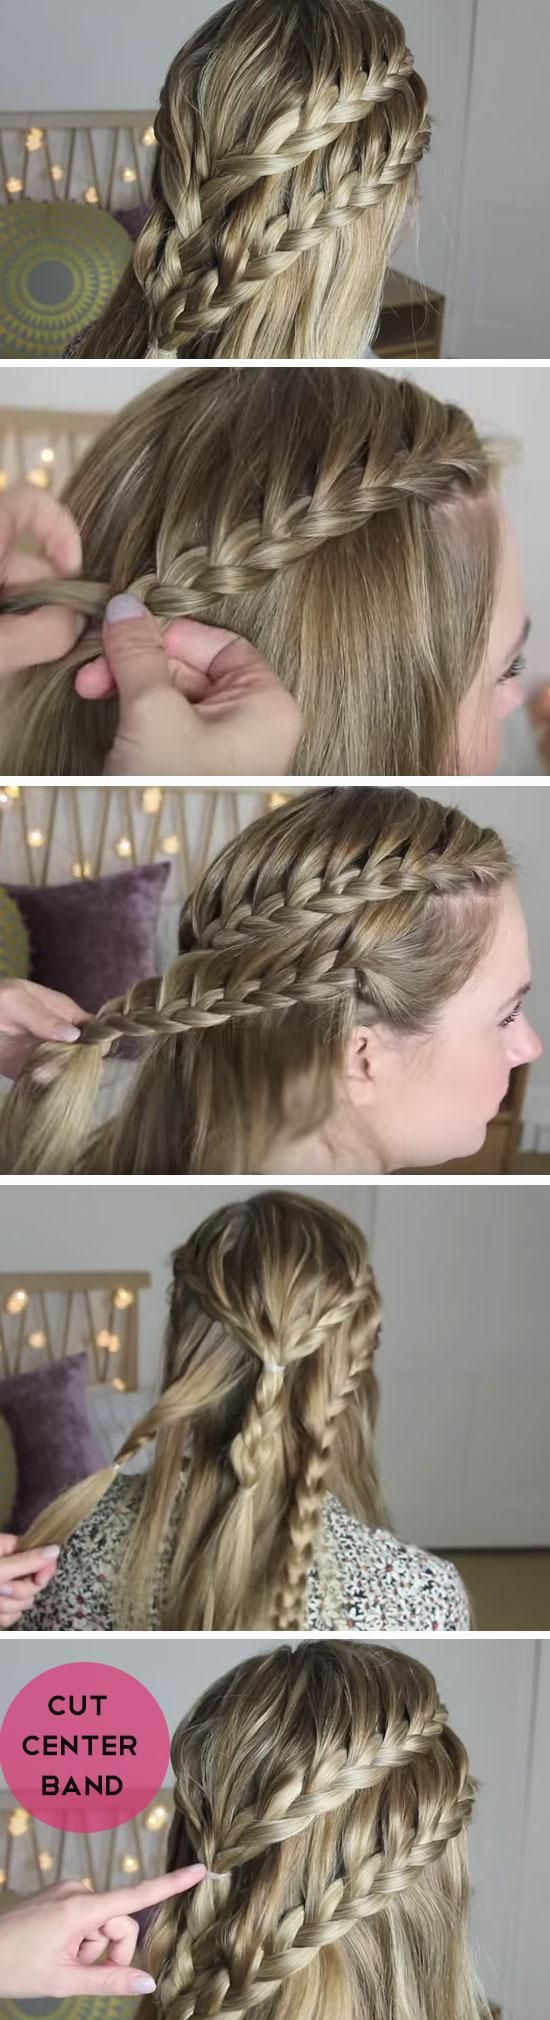 18 diy game of thrones inspired hairstyles | diy games, braid crown